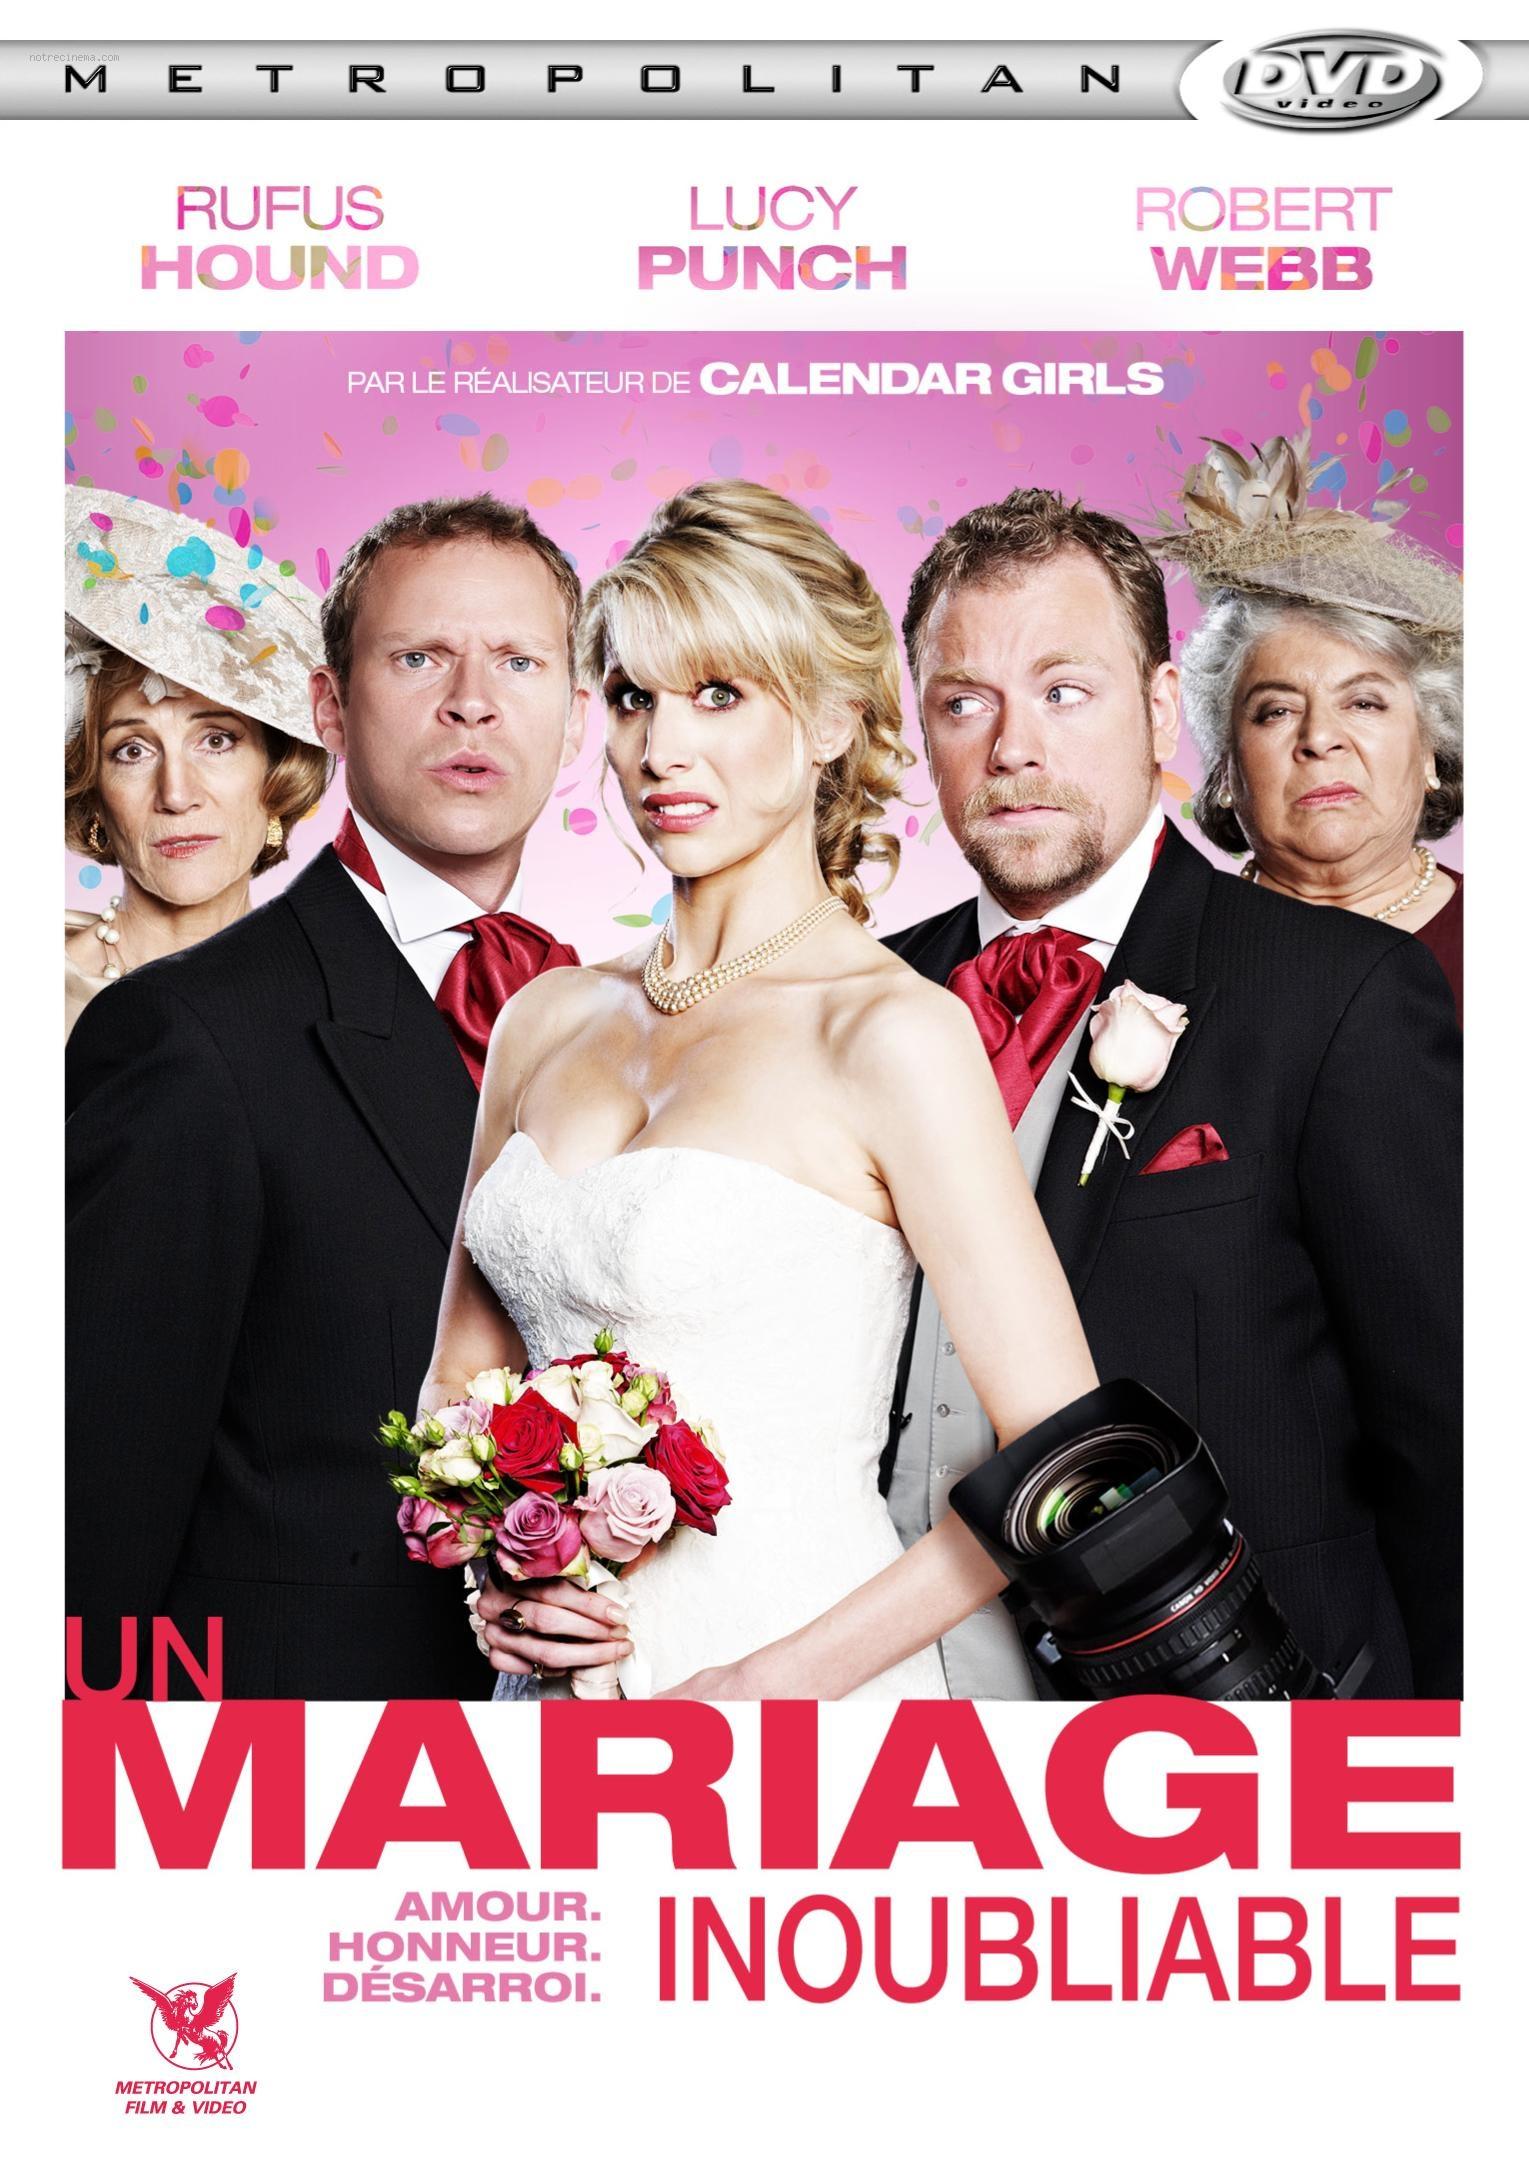 affiche du film Un mariage inoubliable